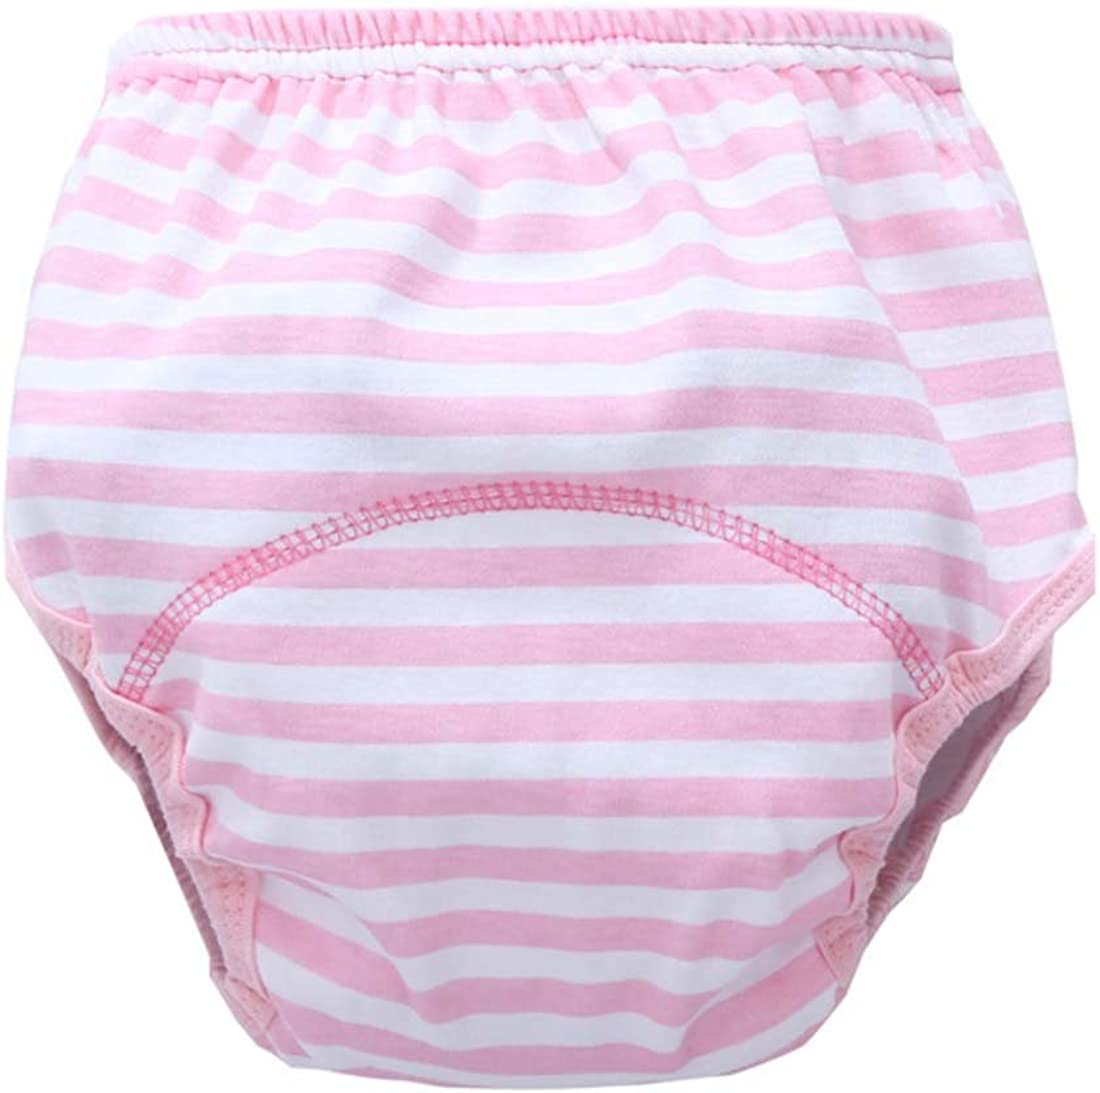 FYGOOD Lot de 5pcs Culotte dapprentissage Lavable Coton